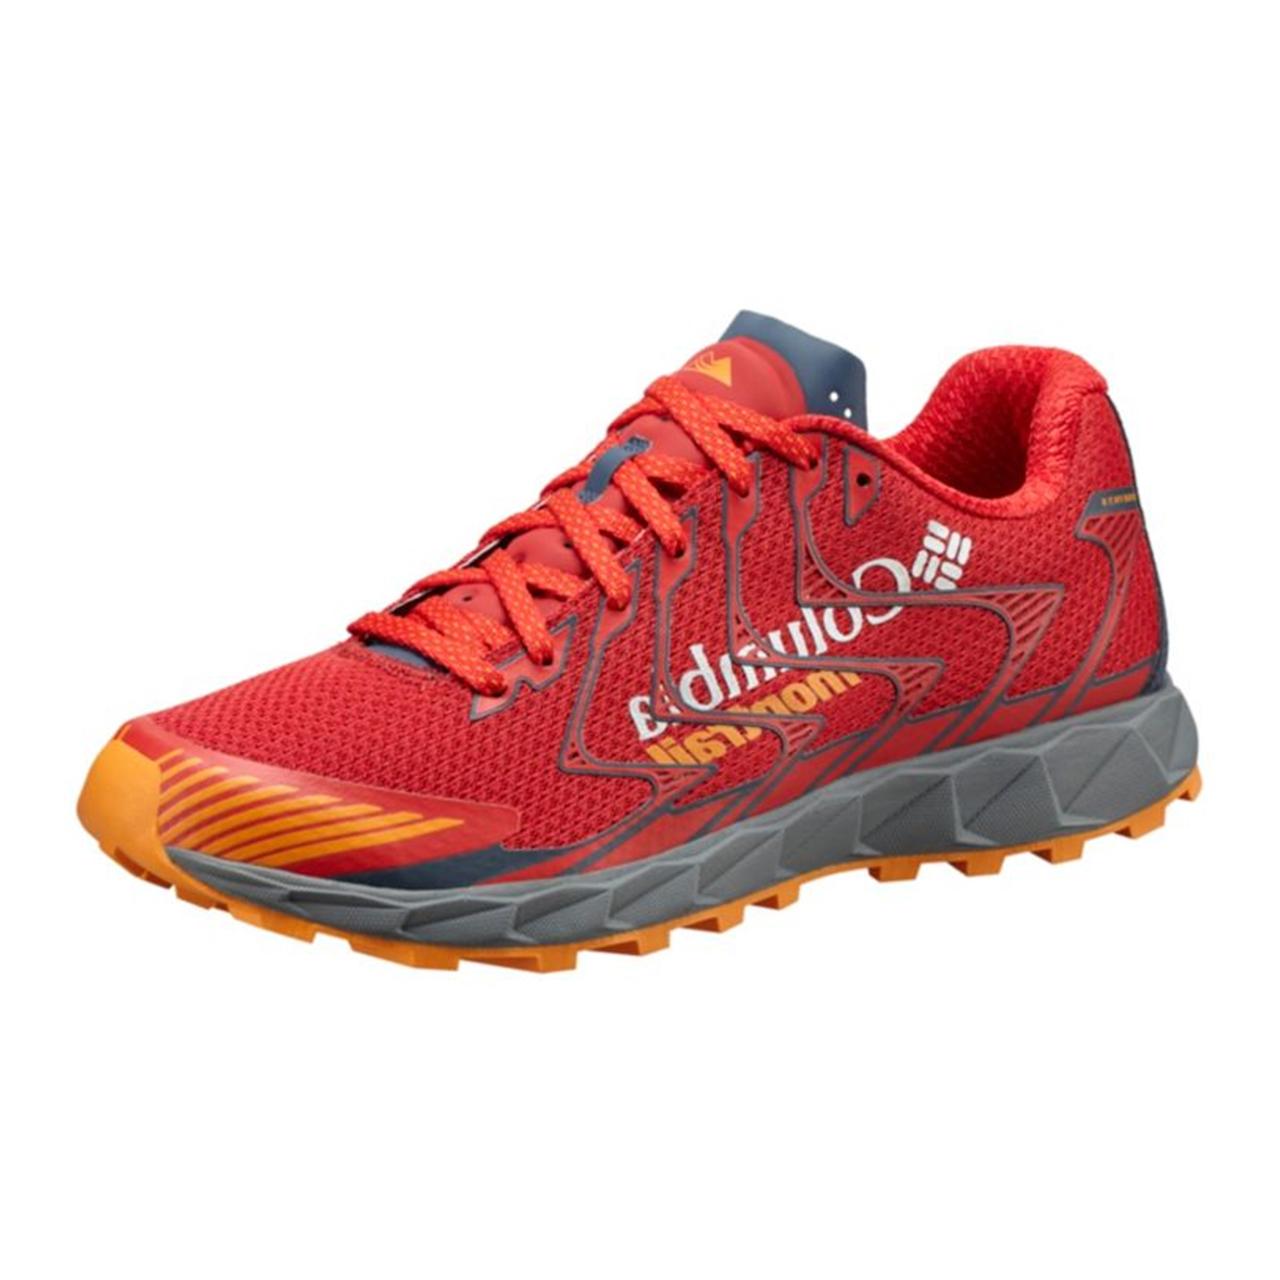 قیمت کفش مخصوص پیاده روی و دویدن مردانه کلمبیا مدل CL1747991-675